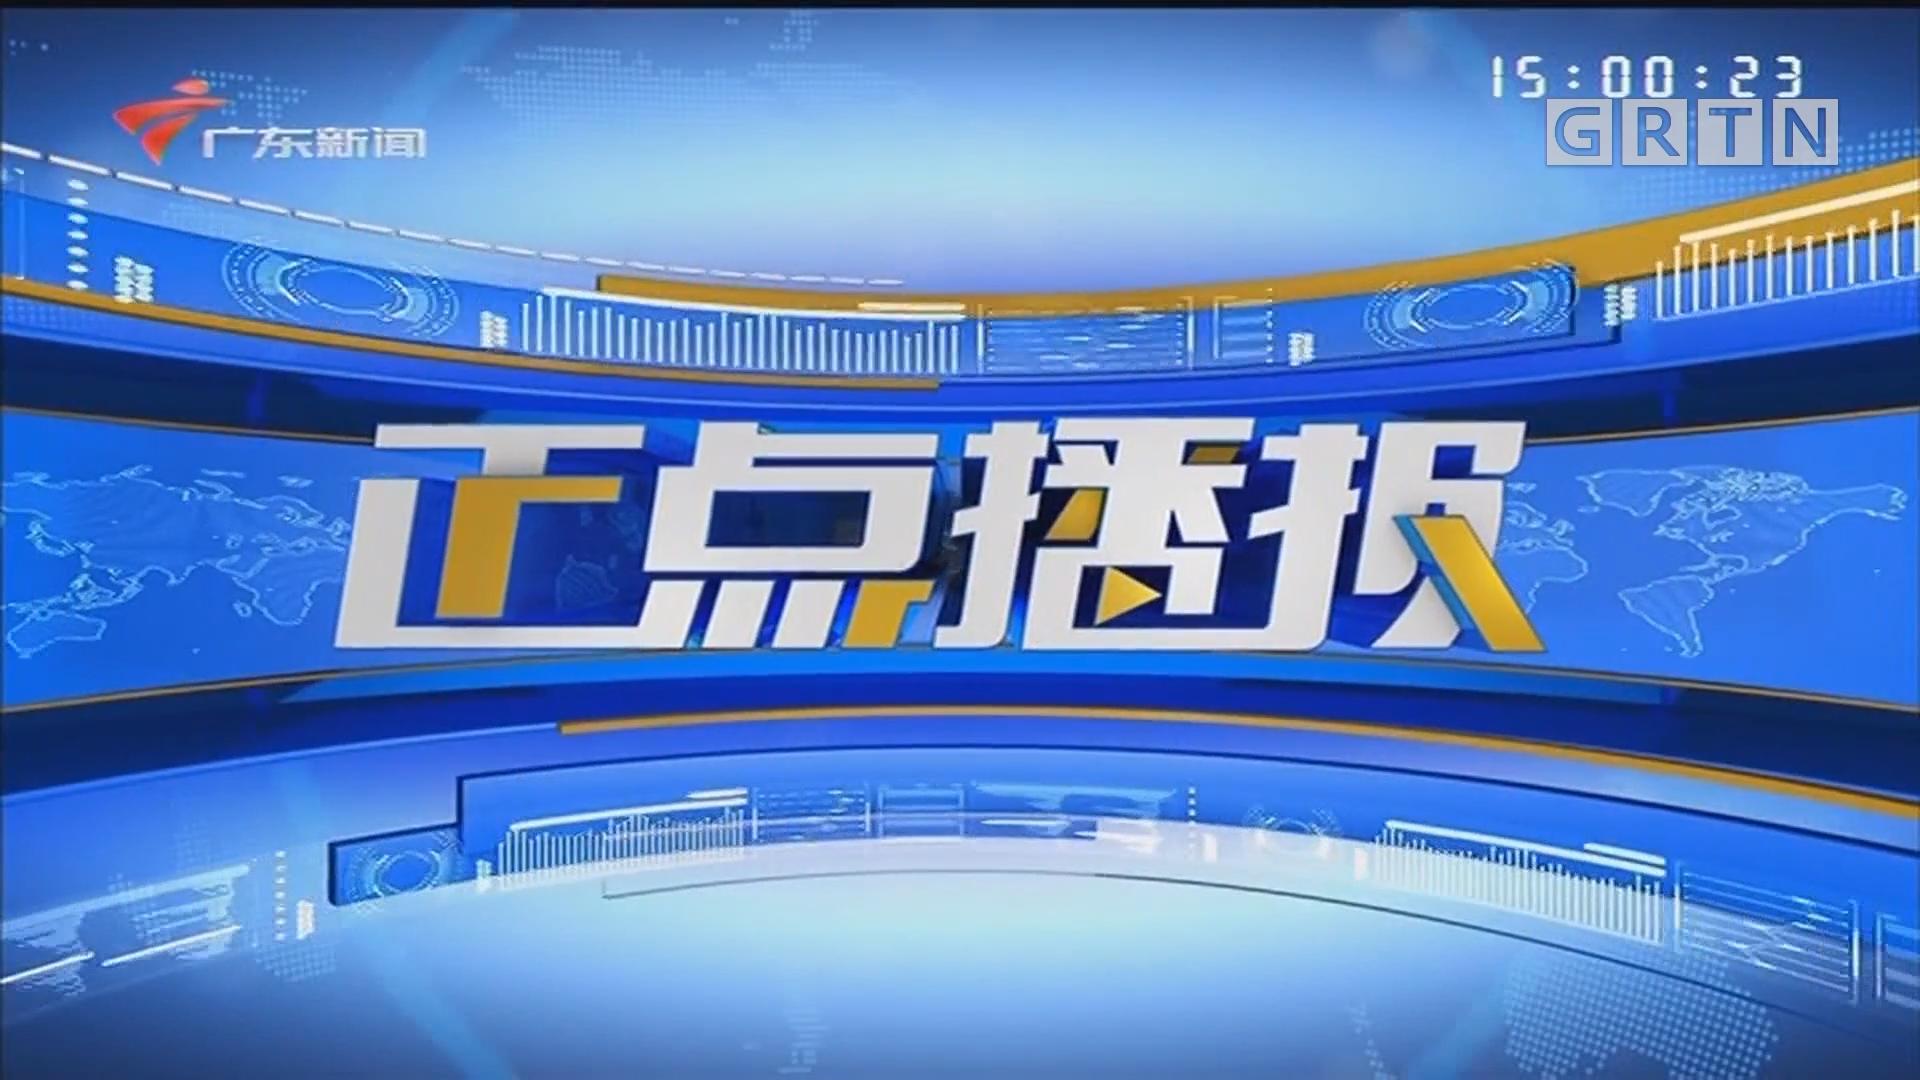 [HD][2020-04-28-15:00]正點播報:一家五口被感染 廣州新增7例無癥狀感染者